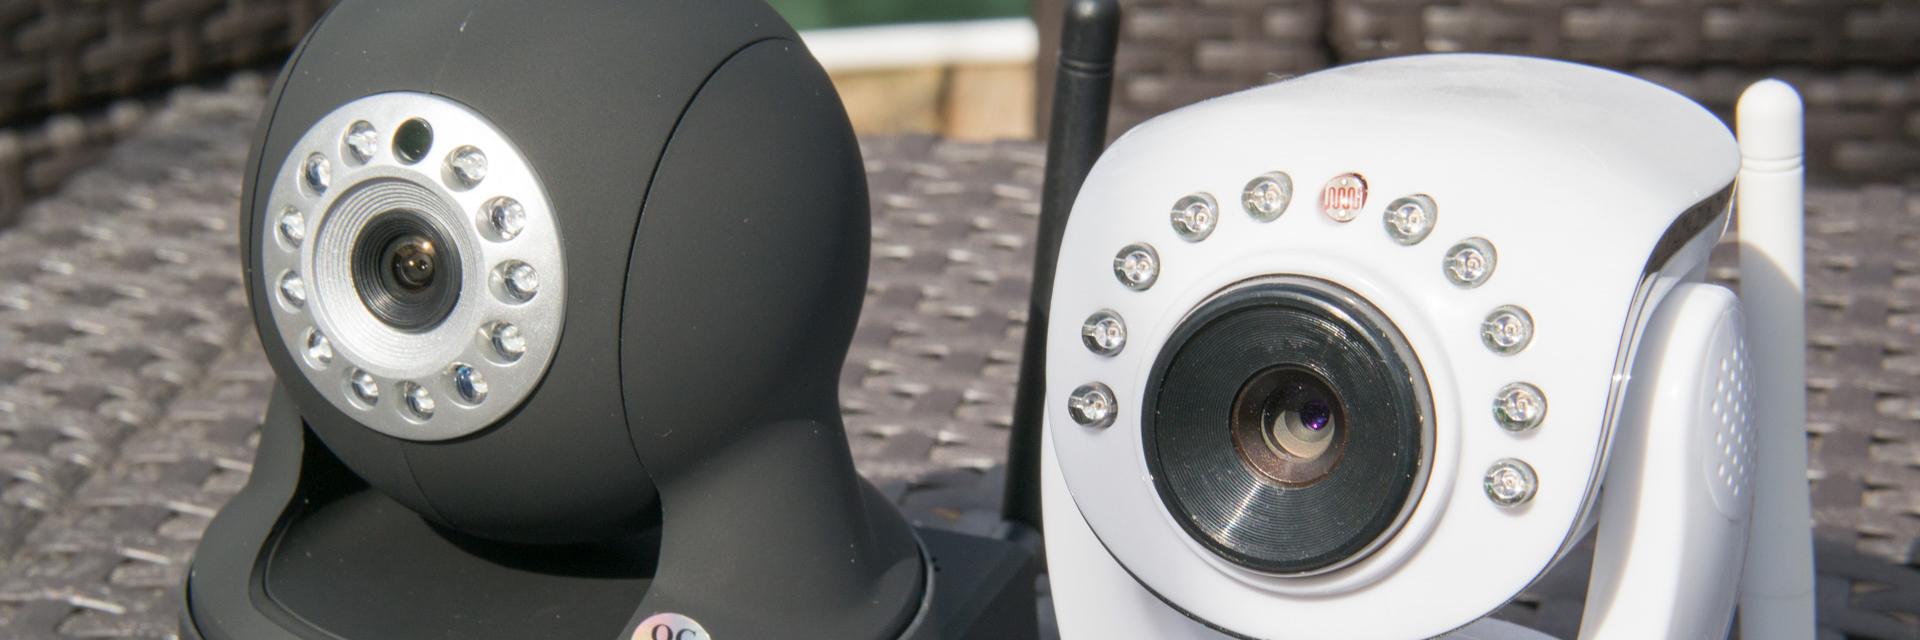 Zwei IP Kameras für die Surveillance Station im Vergleich